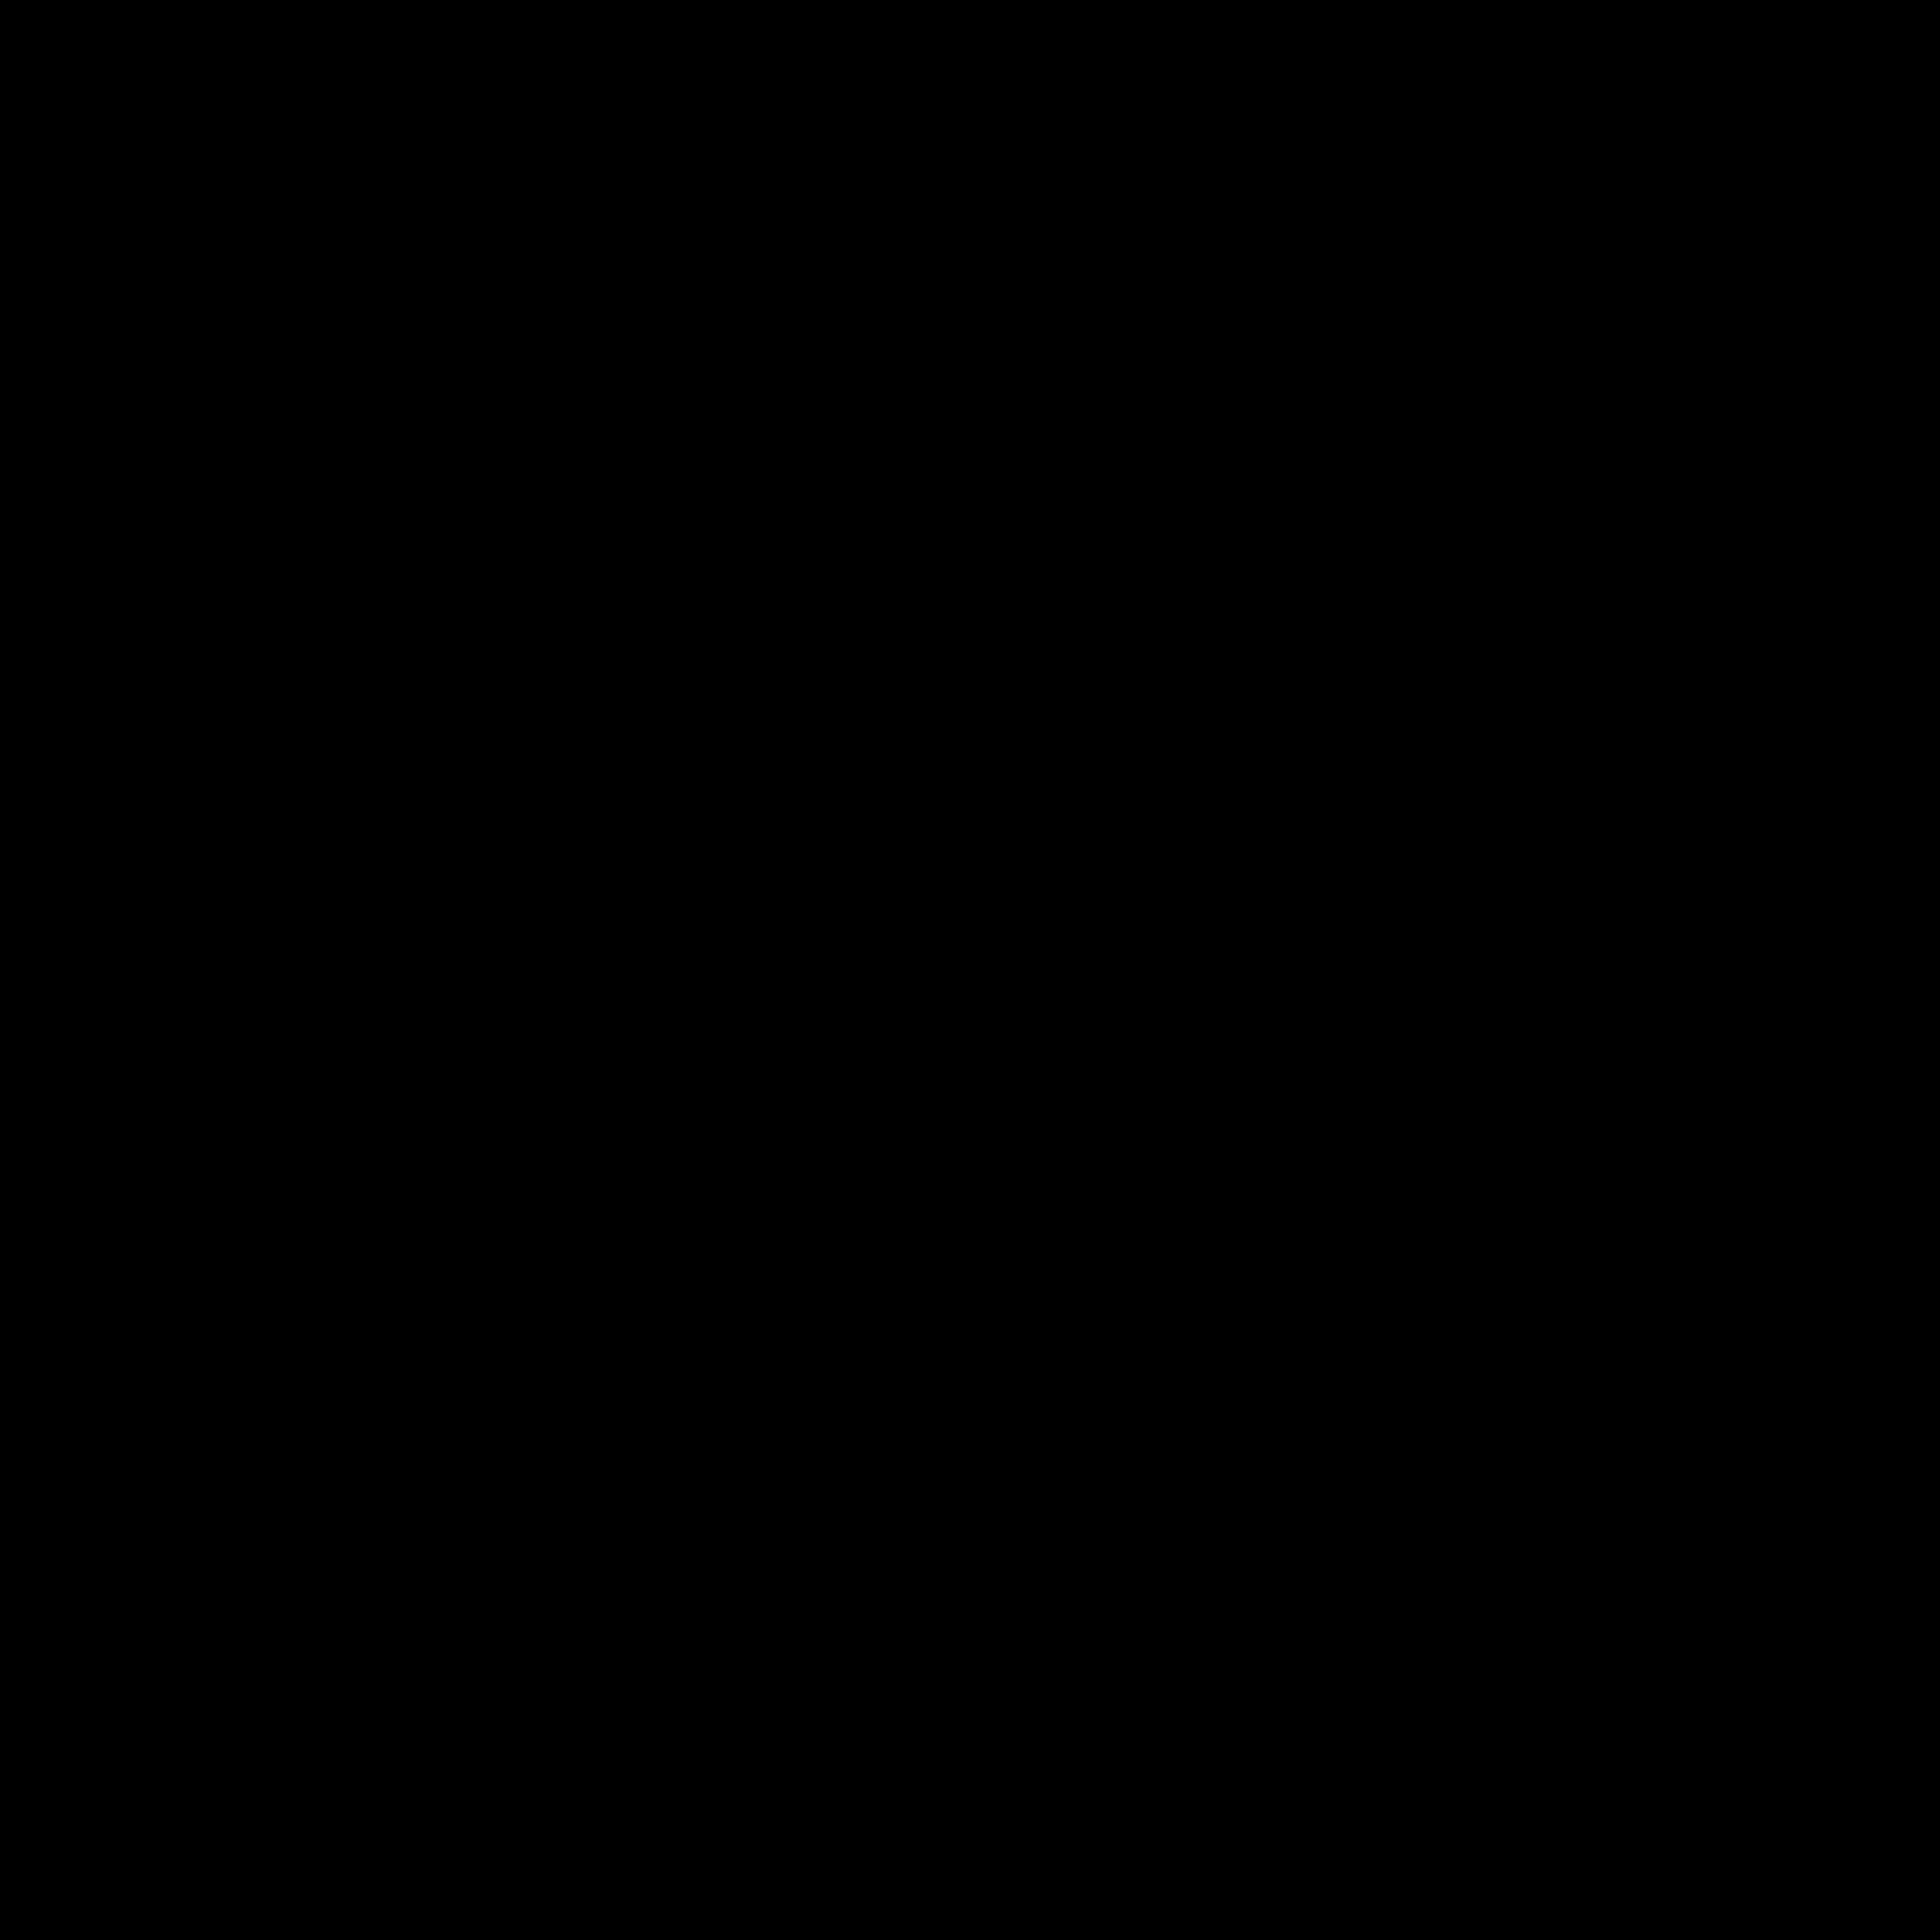 farm rio logo 0 - Farm Logo